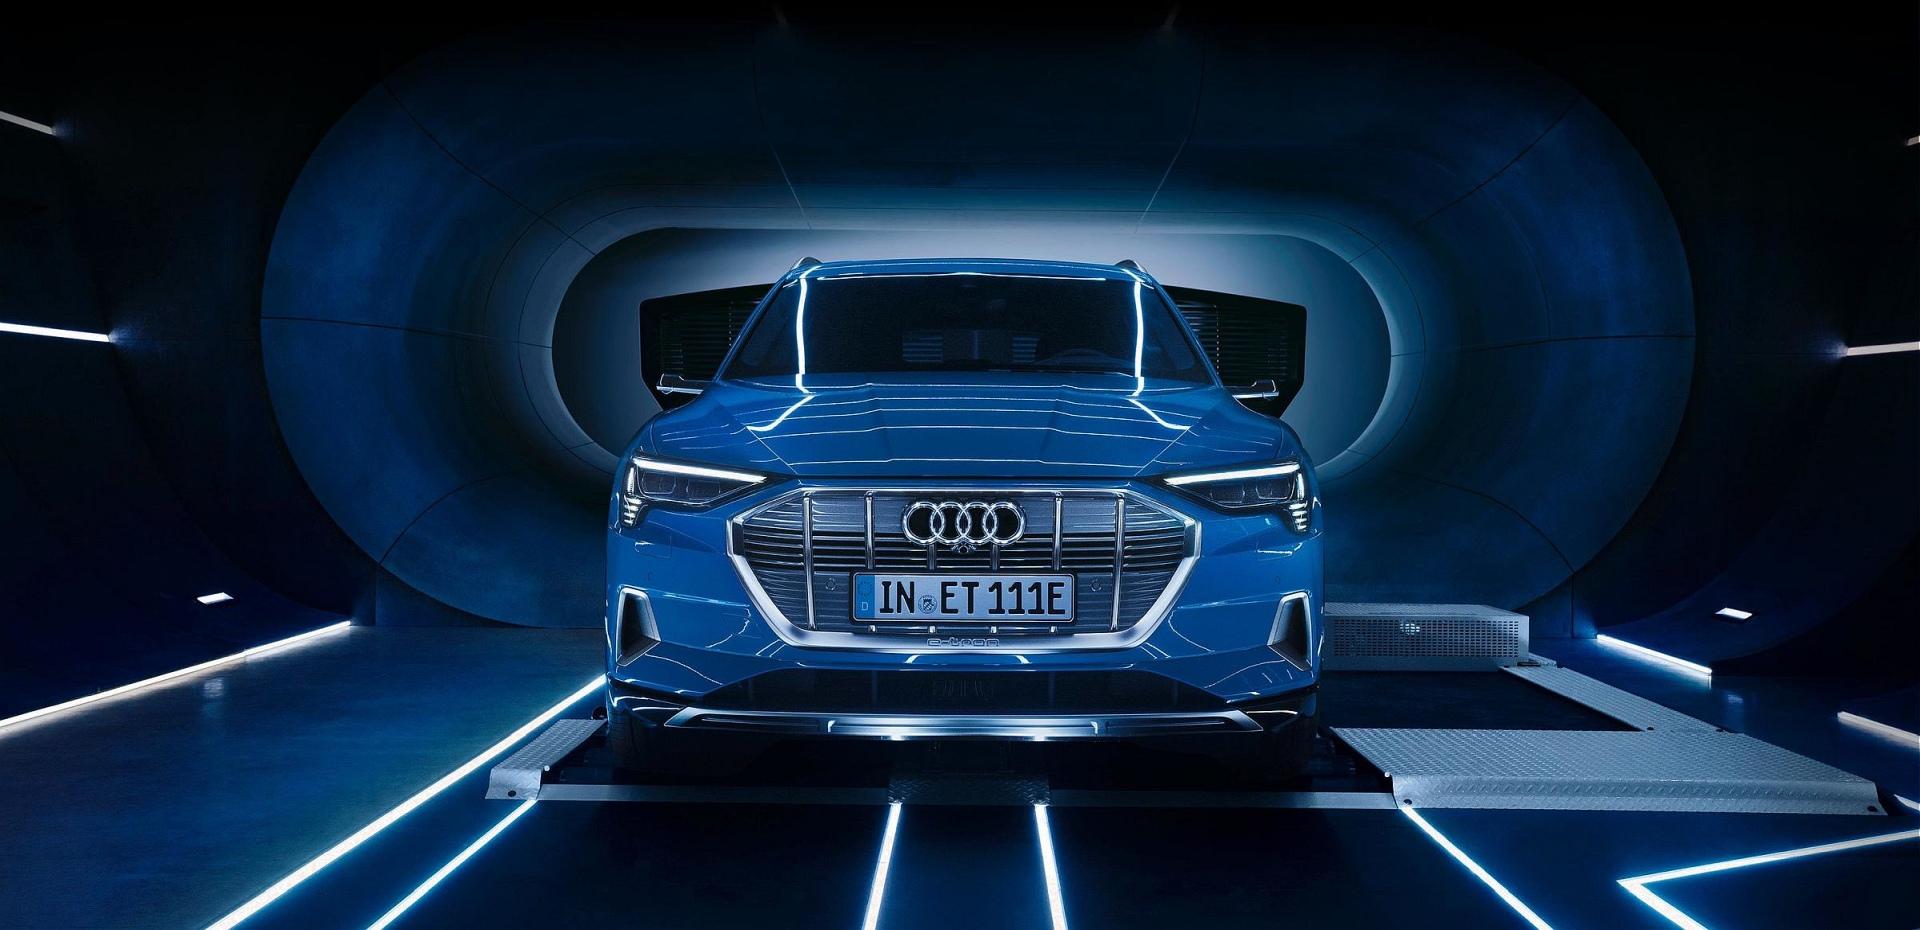 Elektryczne Audi E Tron Cena Od 799 Tysiąca Euro W Polsce Od 350